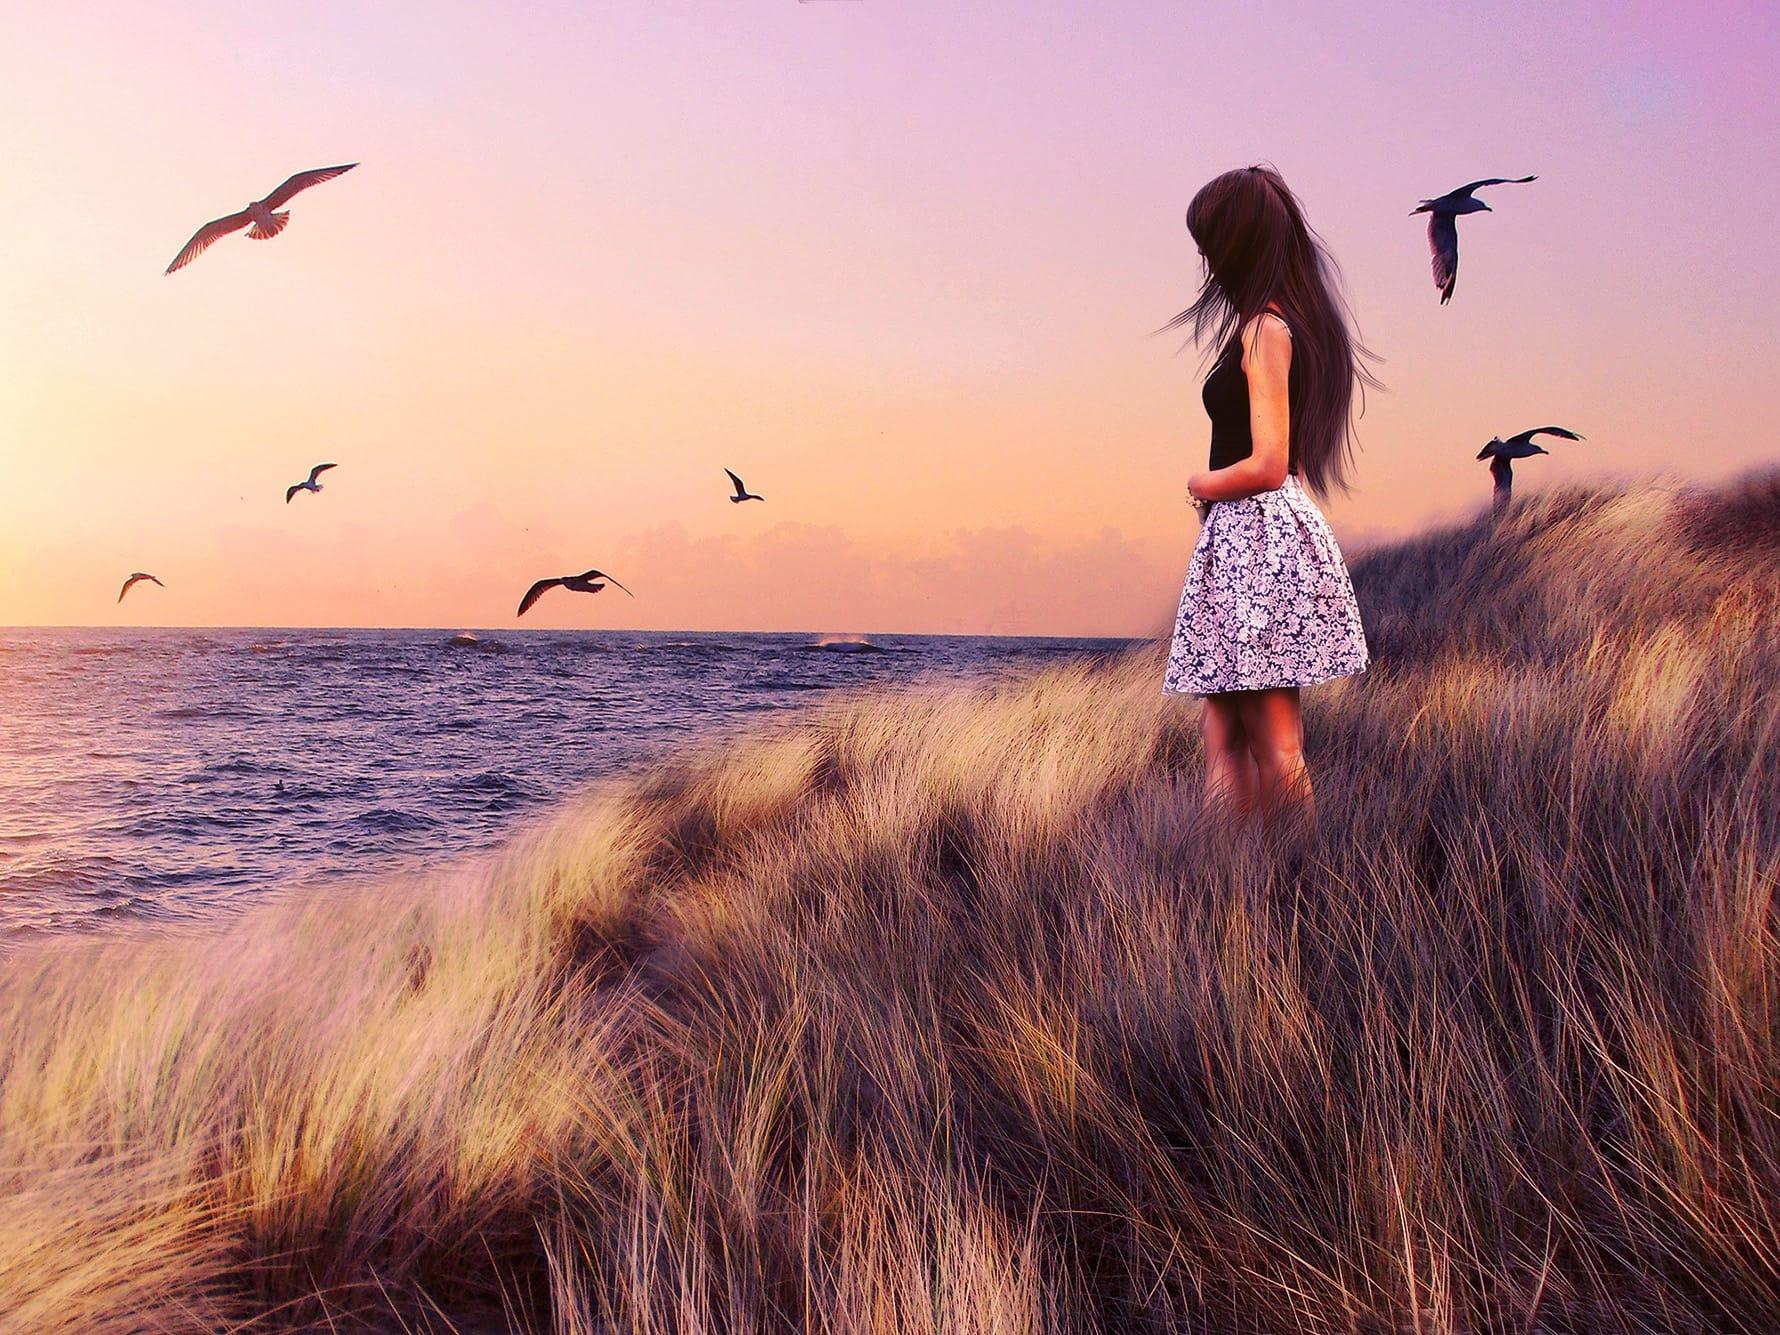 morje, galebi in mlada dama